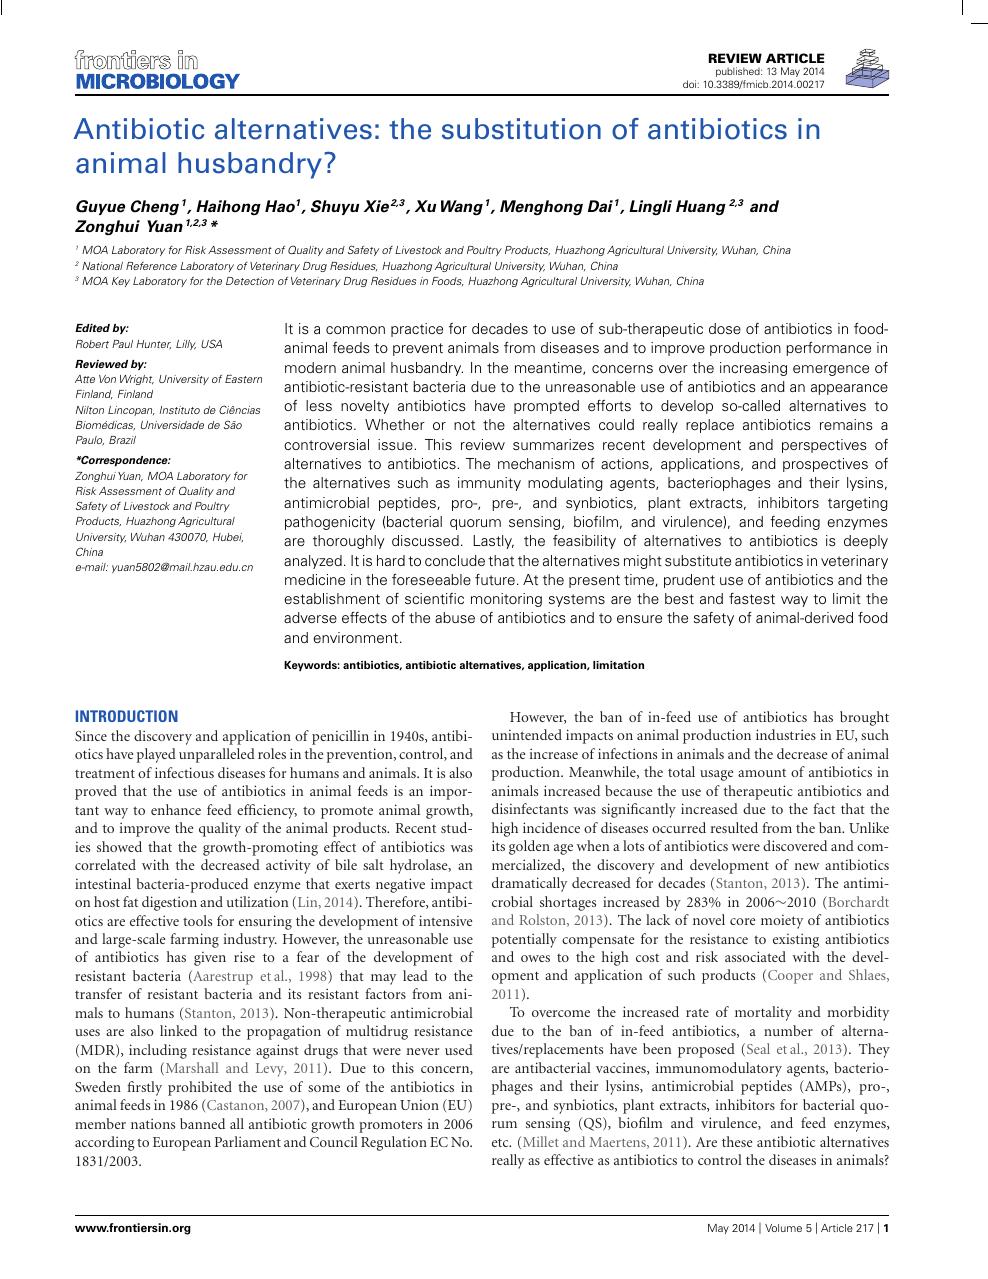 Antibiotic alternatives: the substitution of antibiotics in